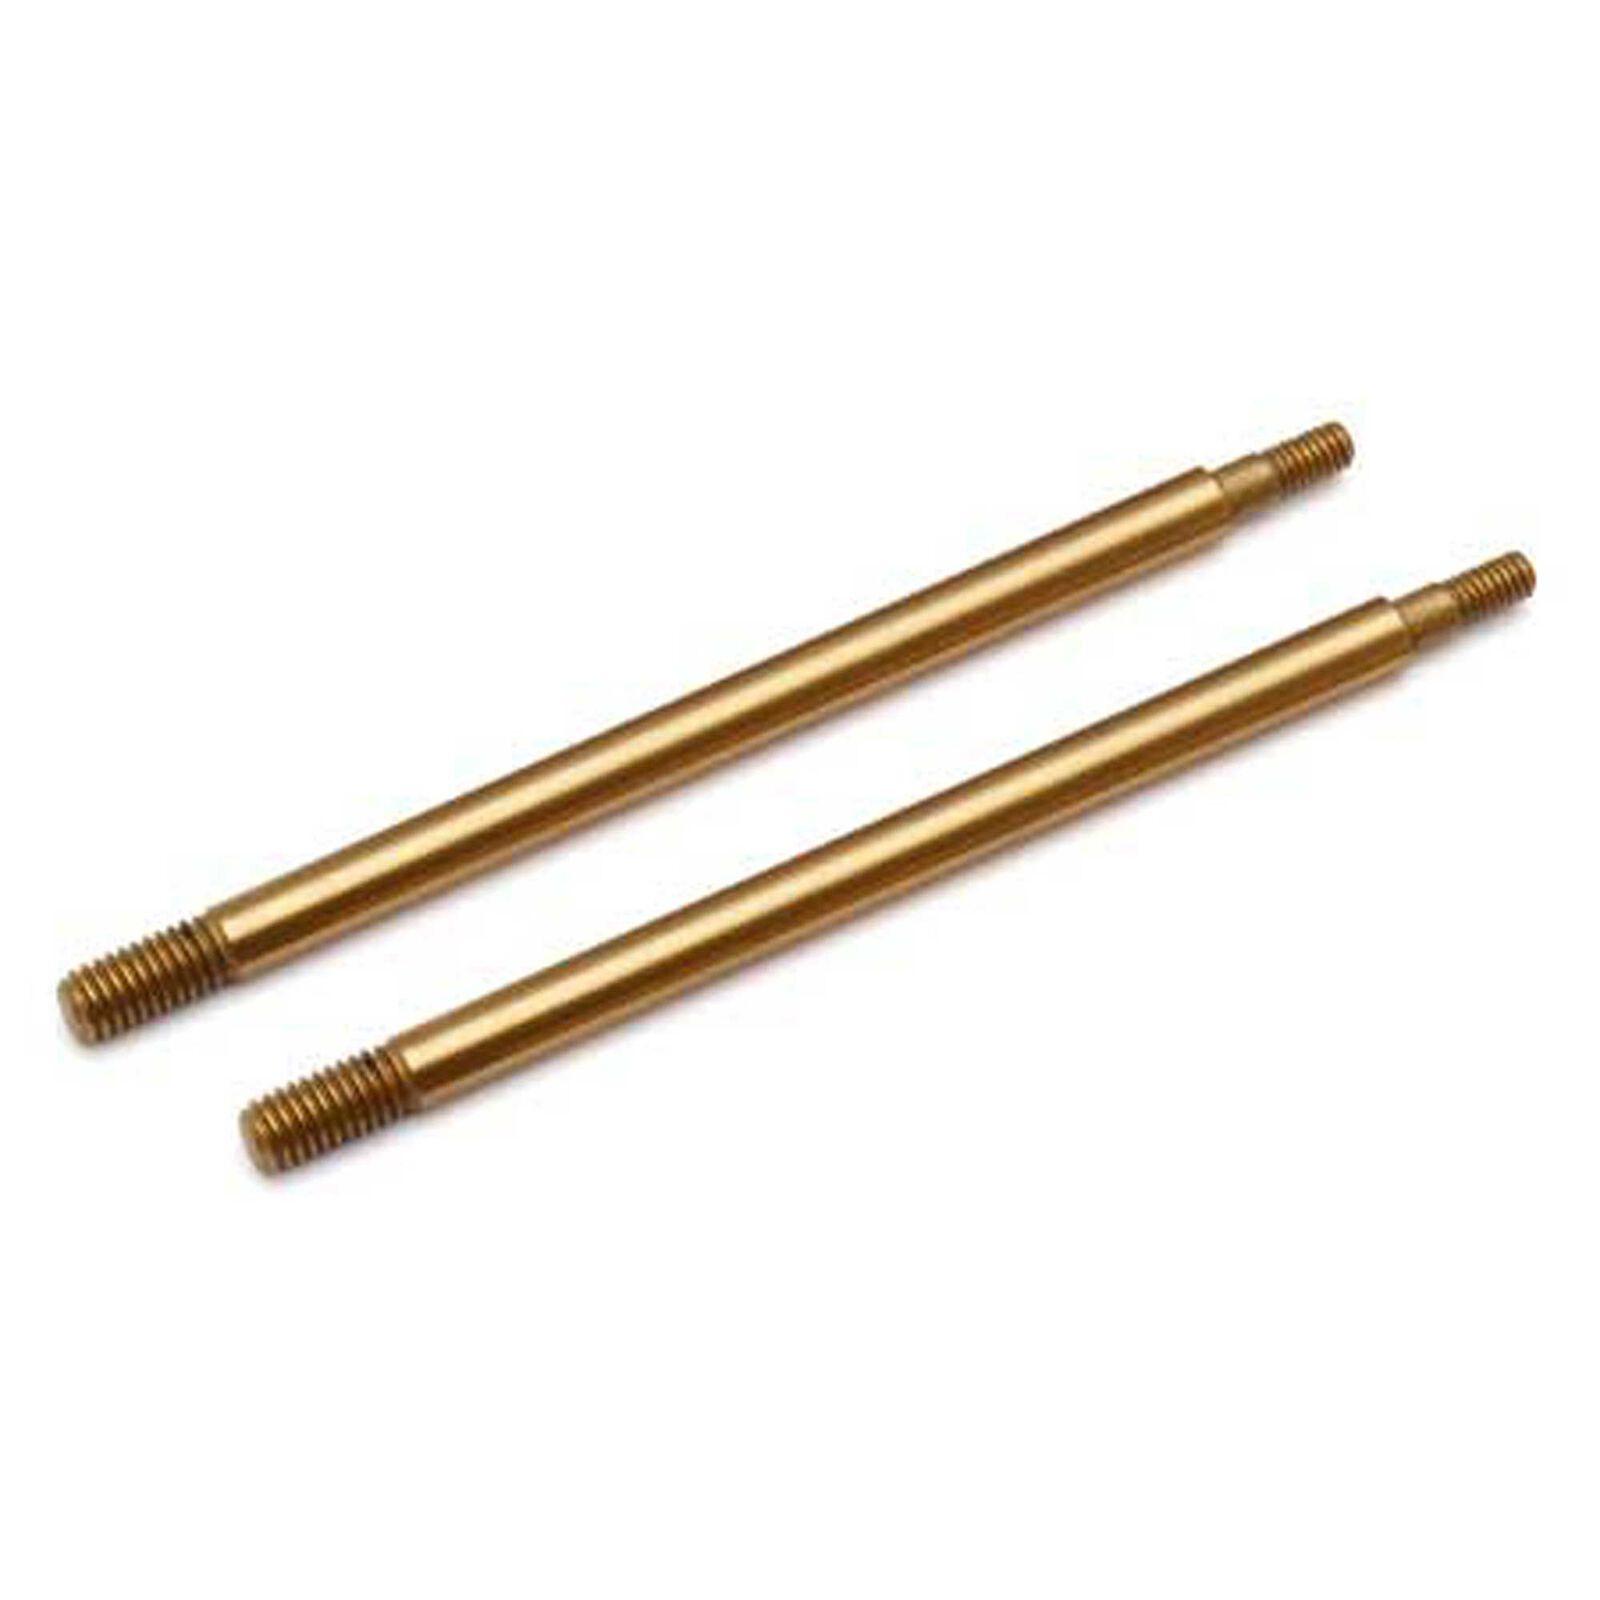 TiN Shock Shafts, 3.5x39.5 mm (2): RC8B3